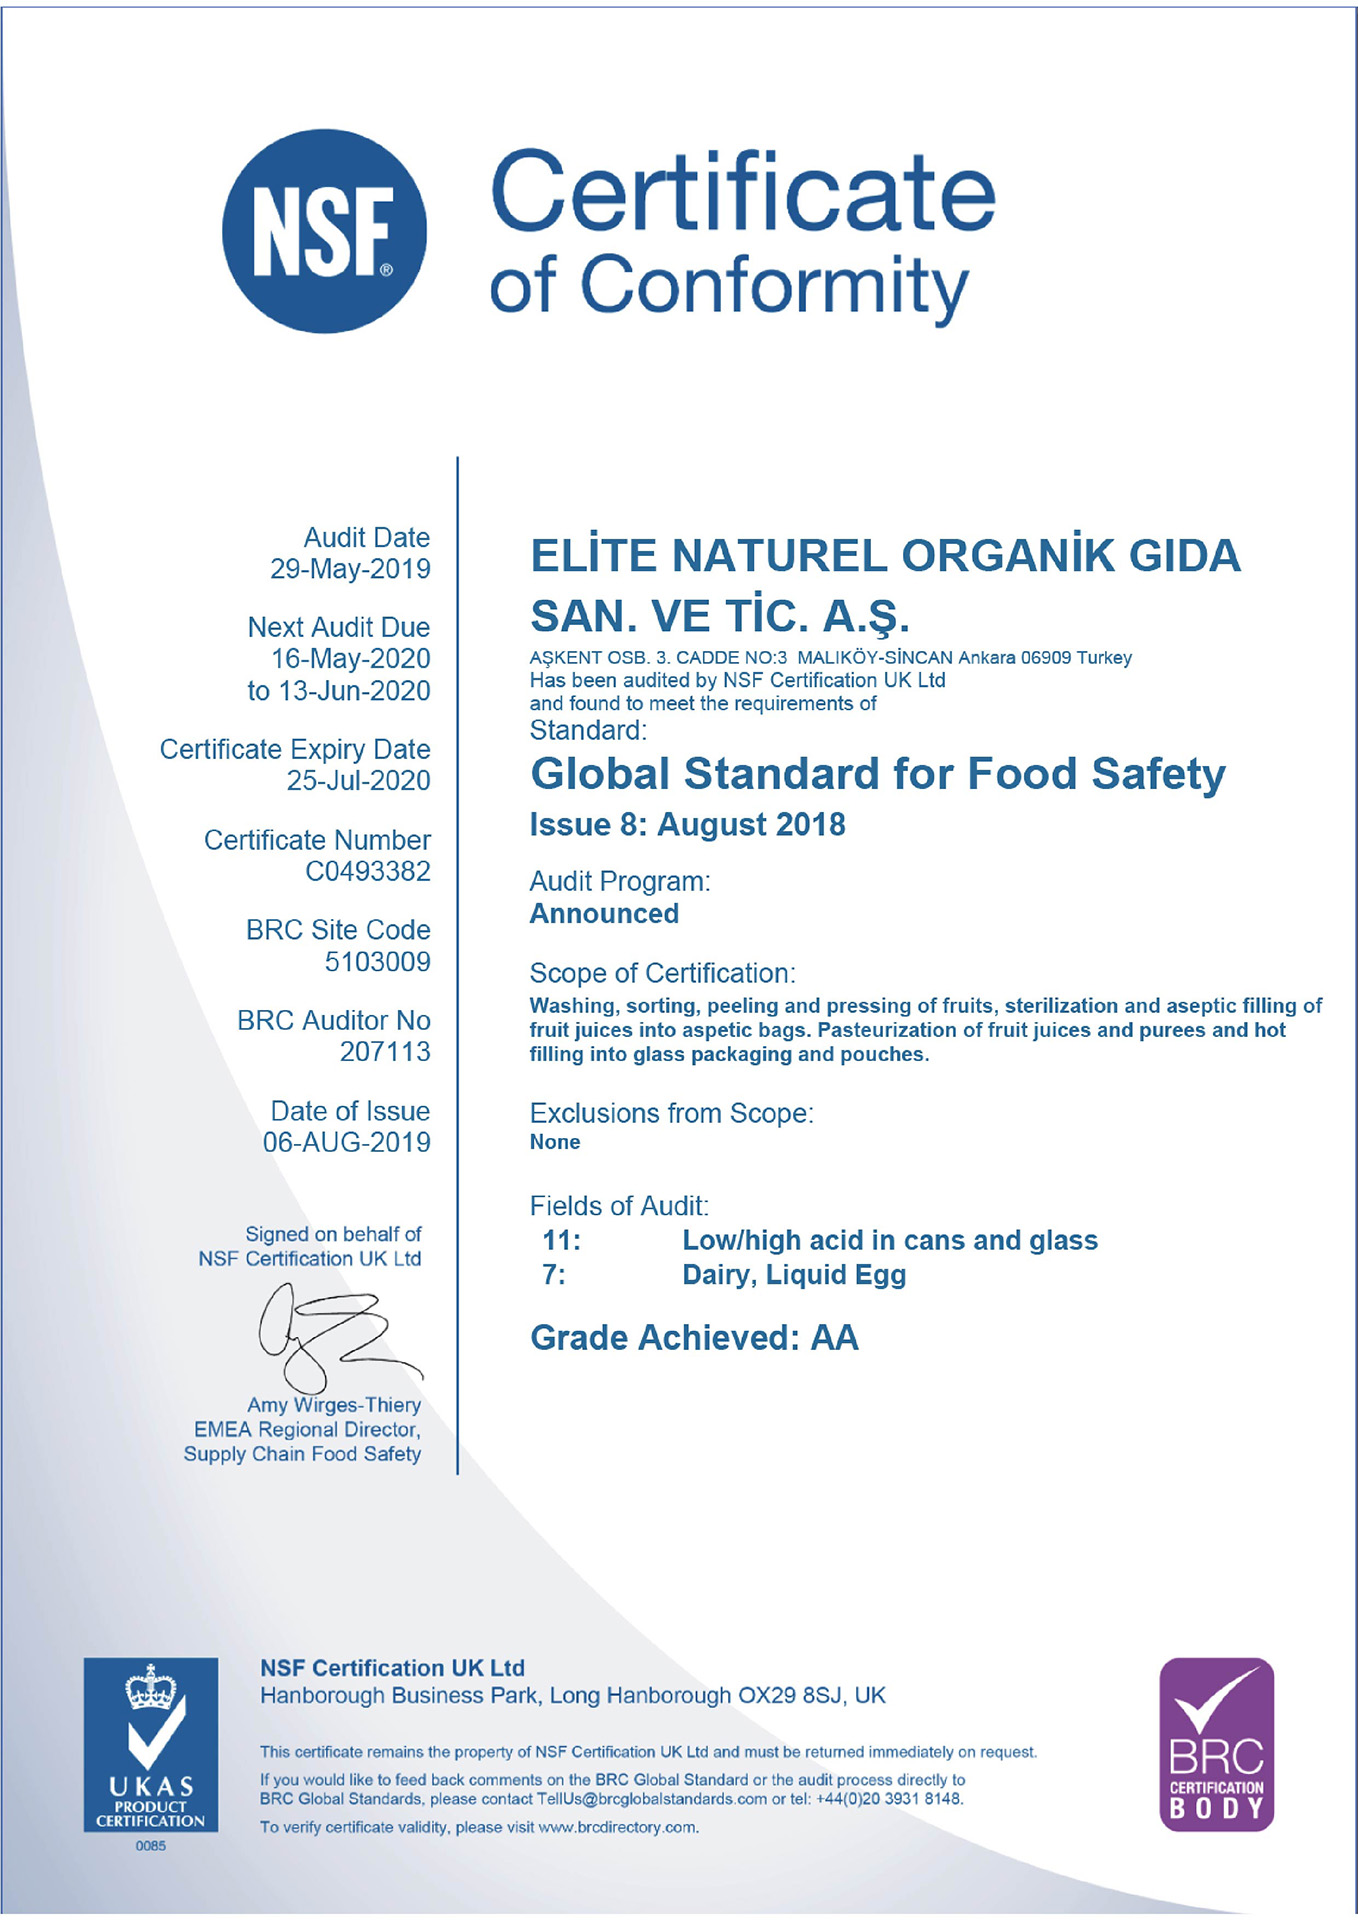 brcbody gida guvenligi sertifikasi